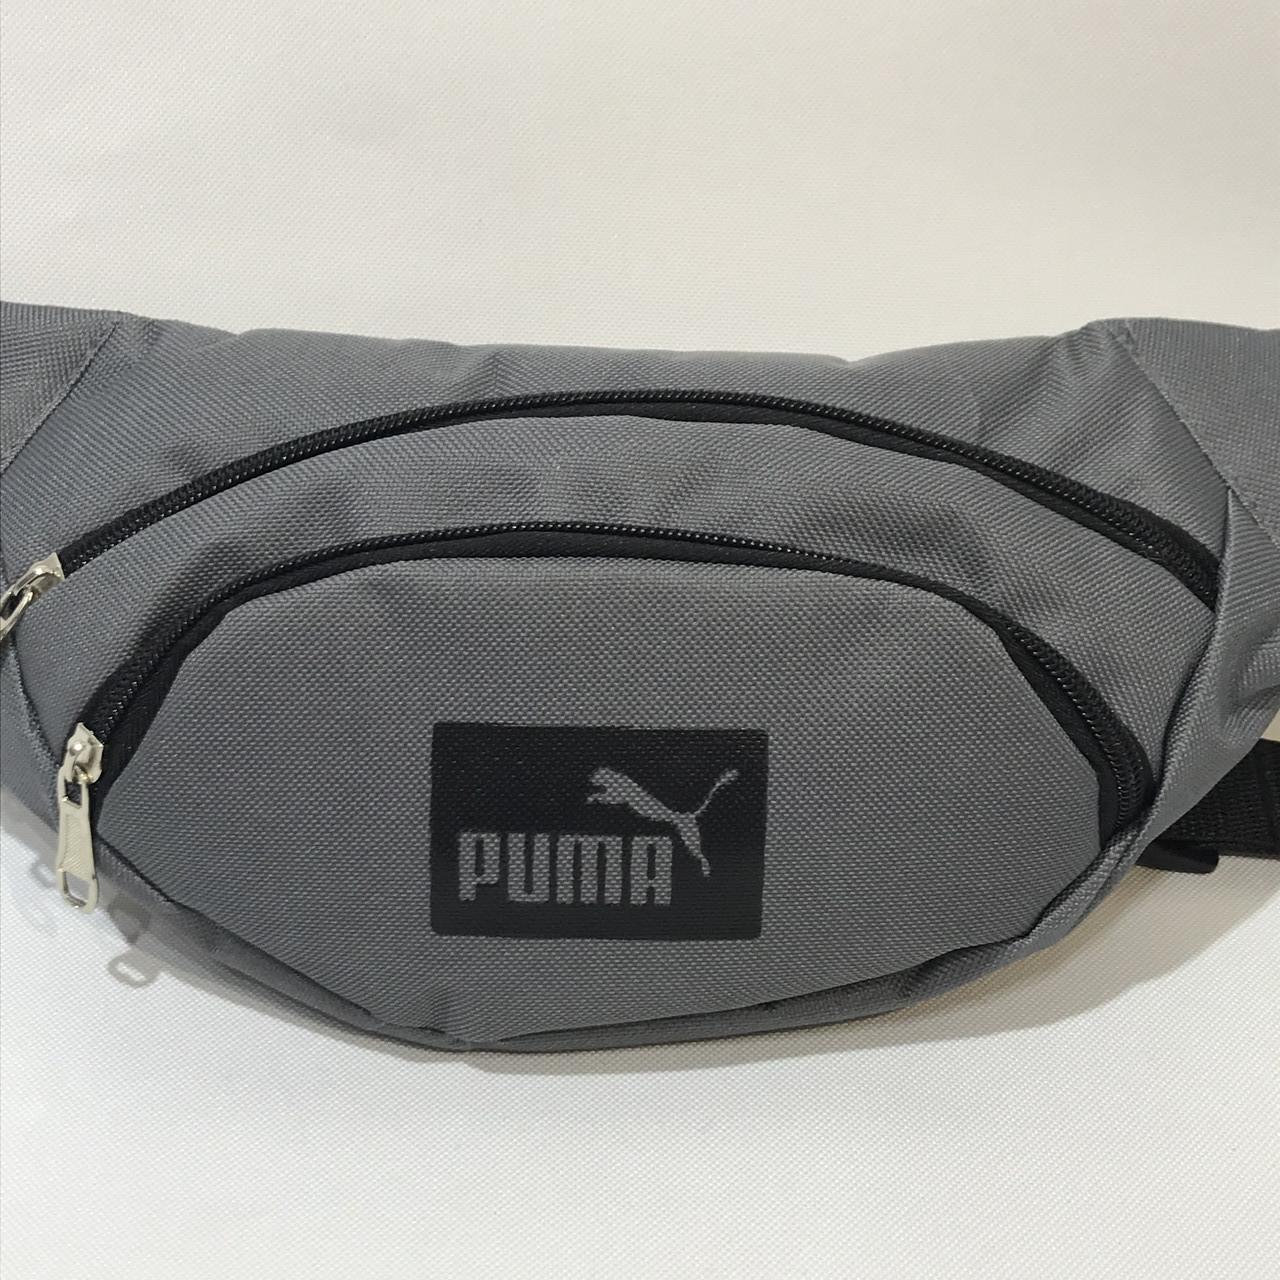 Сумка поясная Puma / светло-серая